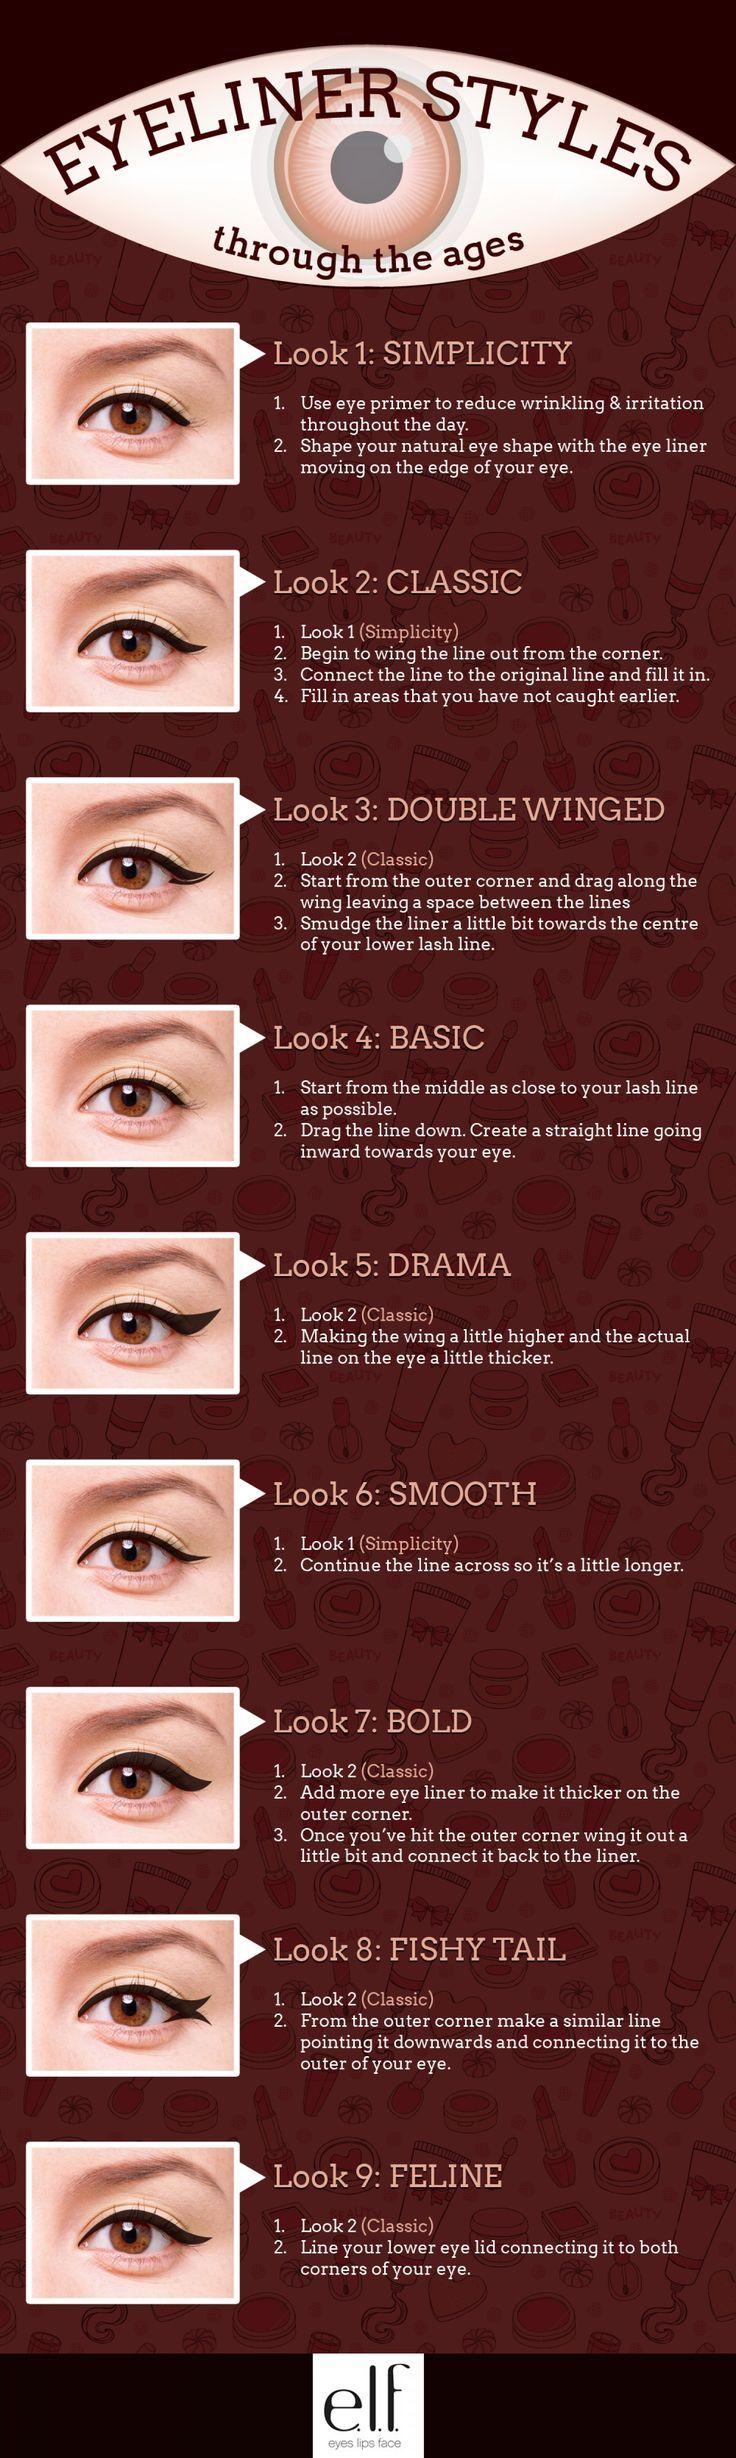 Eye liner style chart #Luxurydotcom